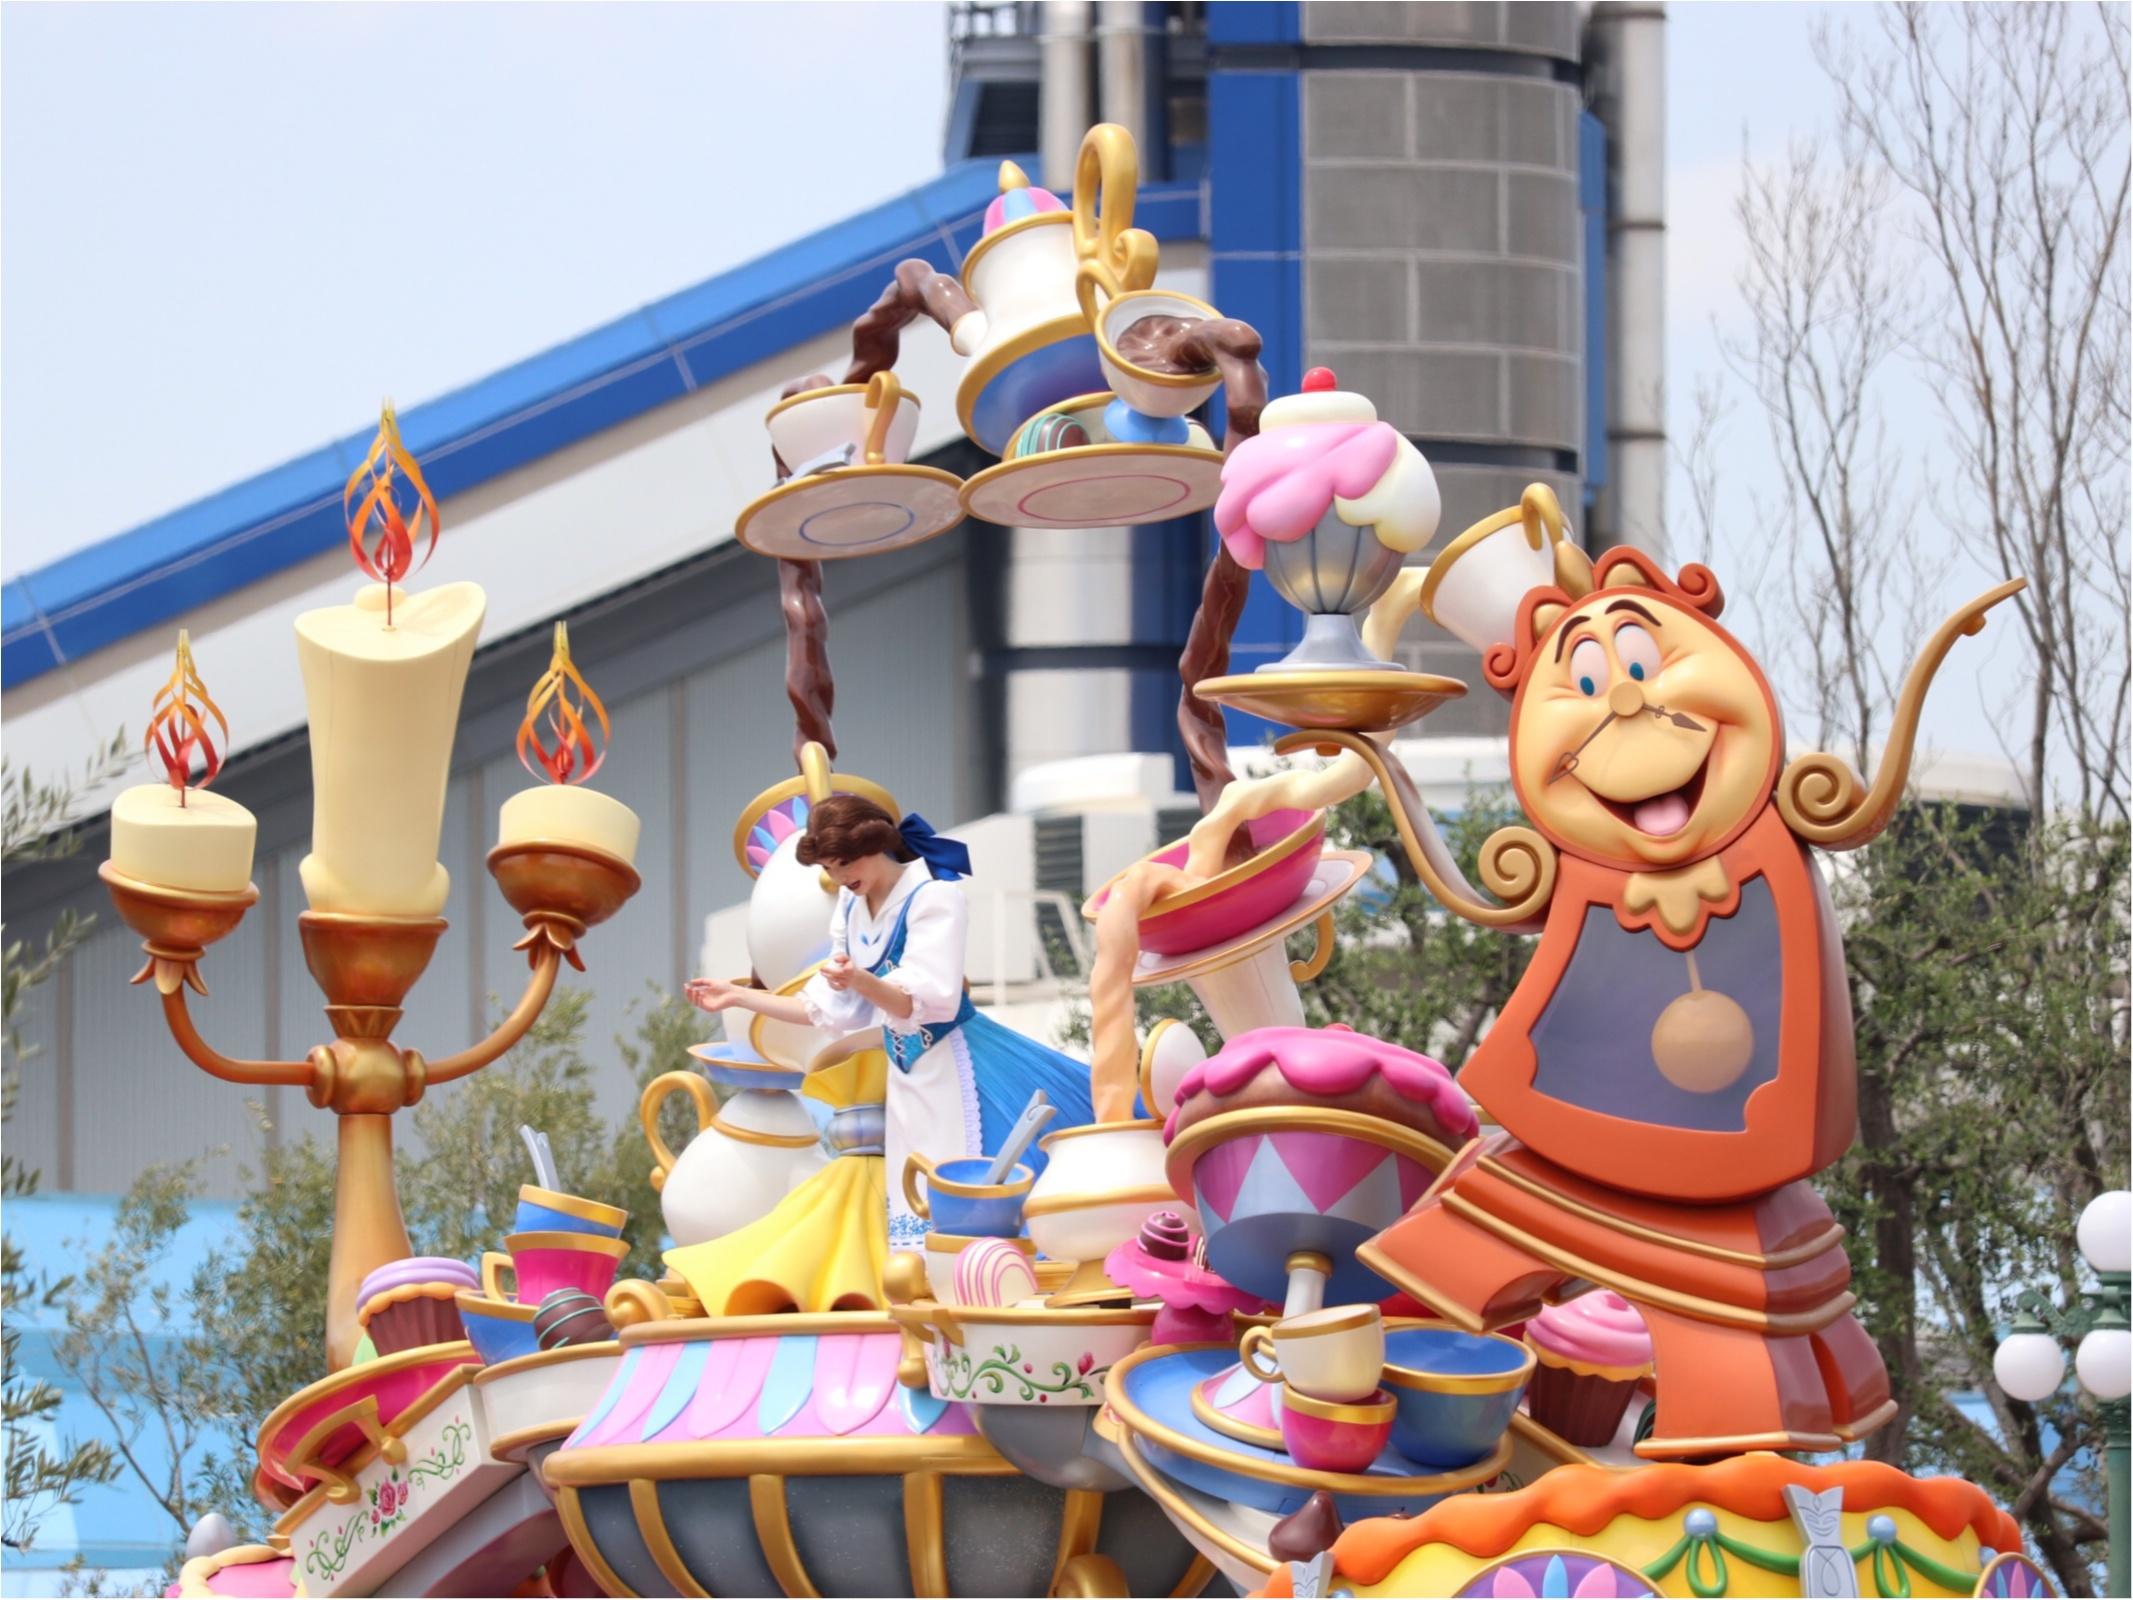 ▷【東京ディズニーランド35周年】Newパレード「ドリーミング・アップ!」がとにかく凄い!!_18